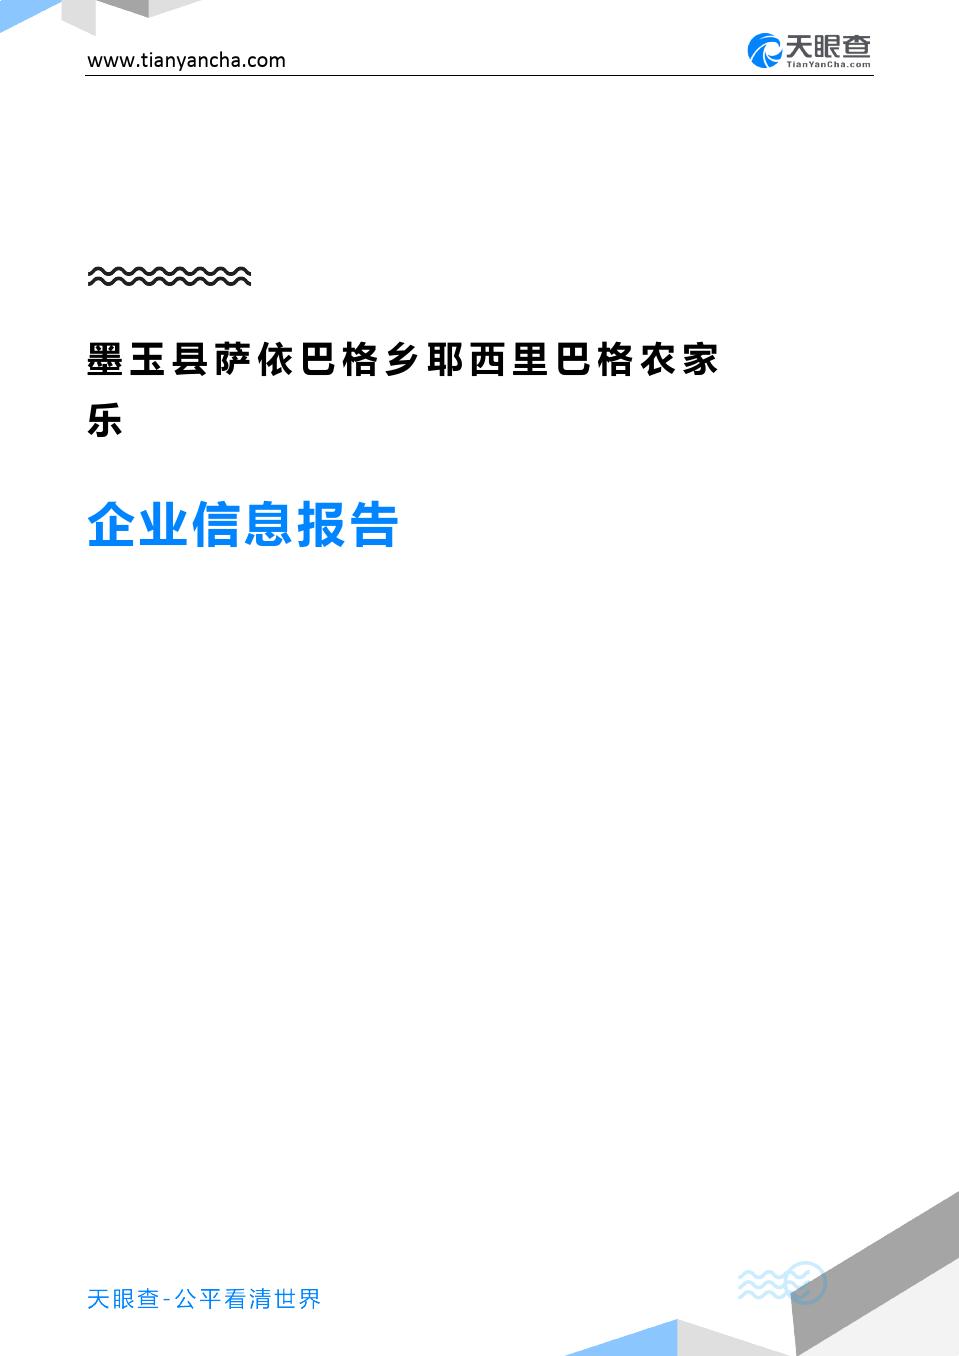 墨玉县萨依巴格乡耶西里巴格农家乐企业信息报告-天眼查